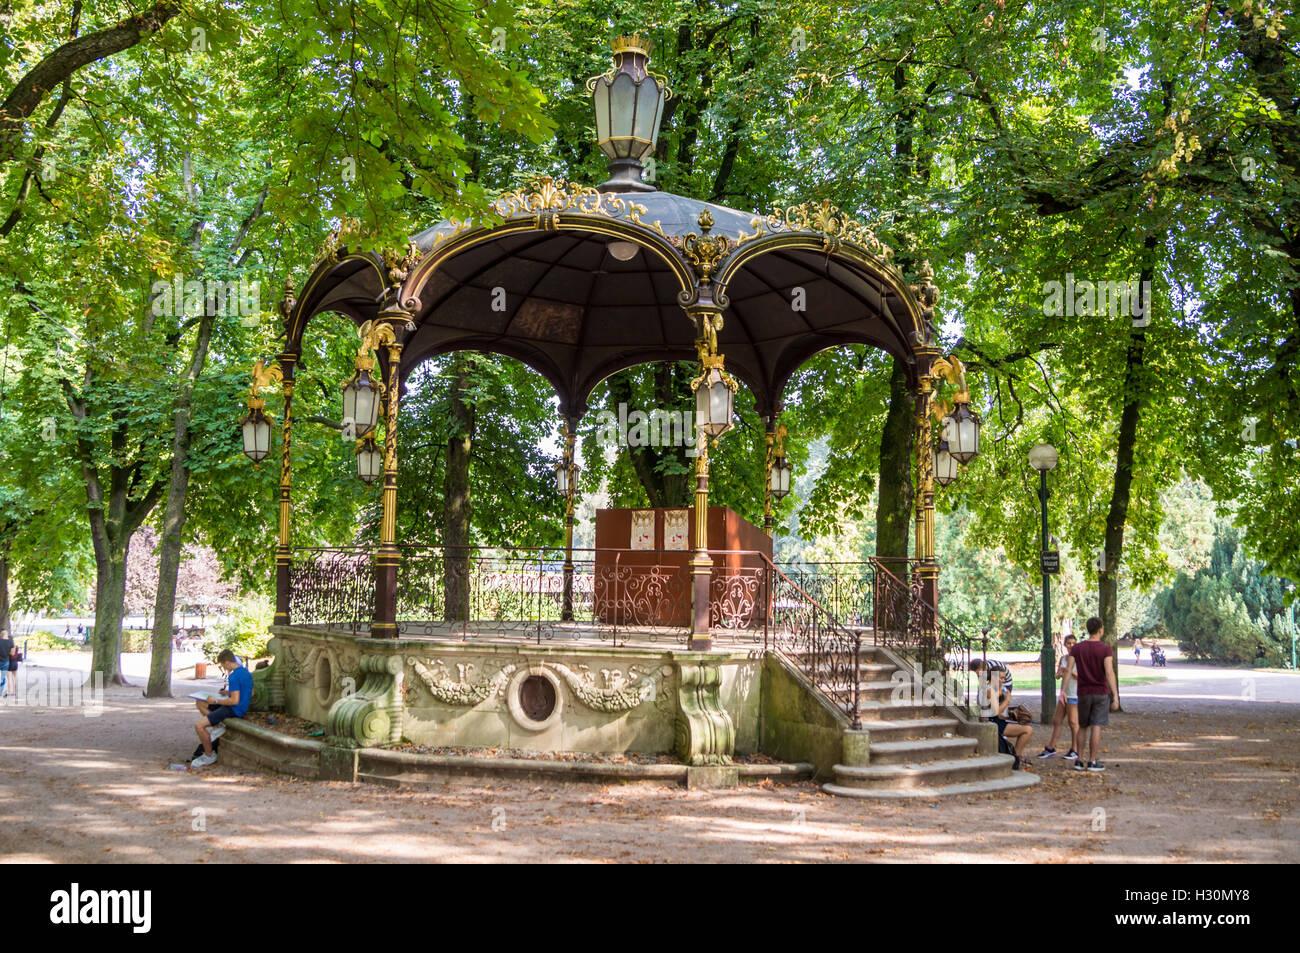 art-nouveau-gilded-bandstand-parc-de-la-ppinire-public-gardens-nancy-H30MY8.jpg